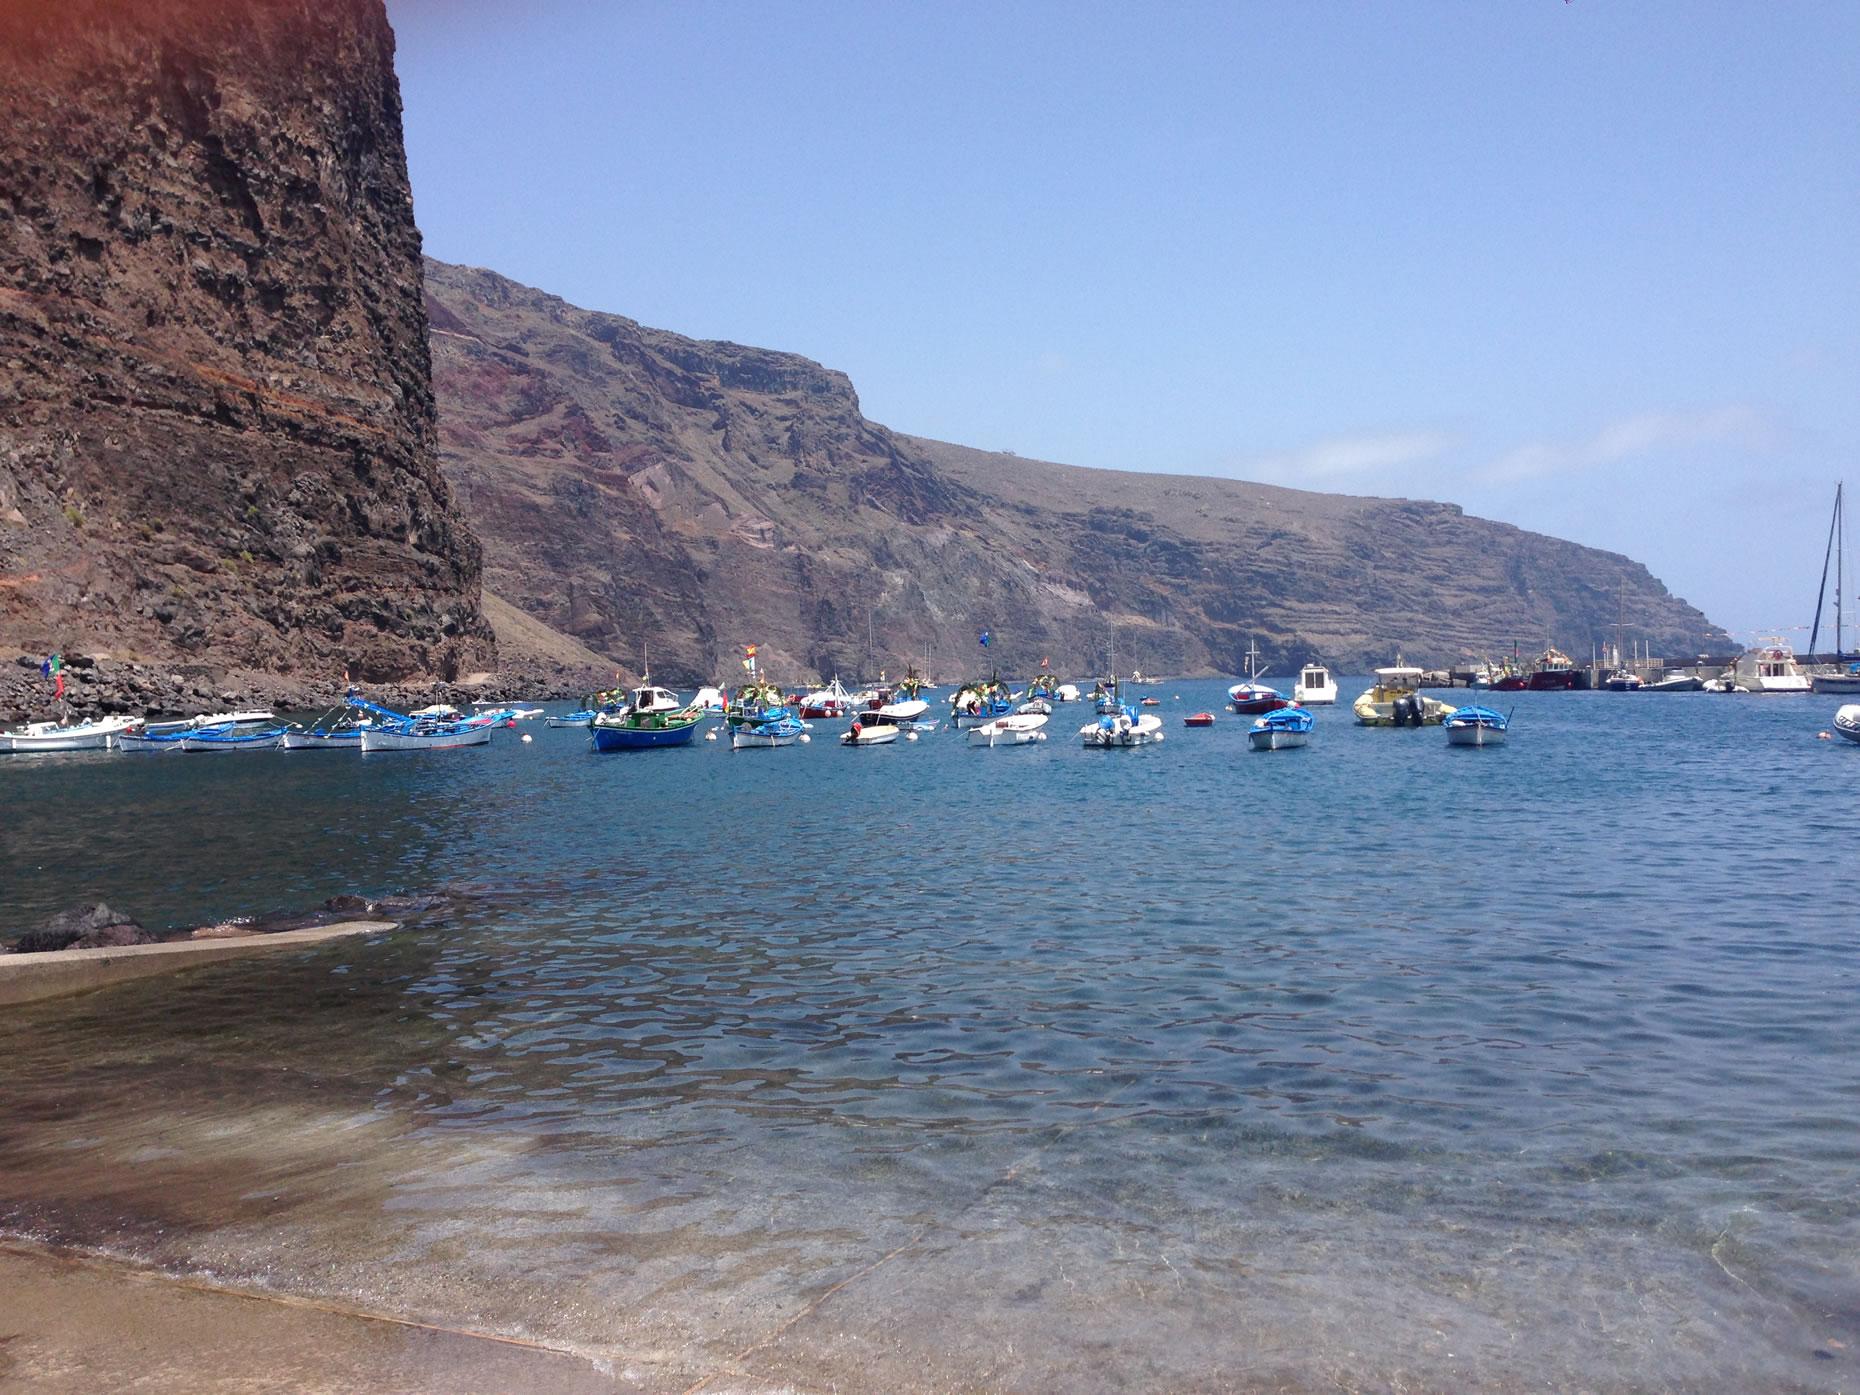 Die Tour startet gemächlich im Hafen von Vueltas